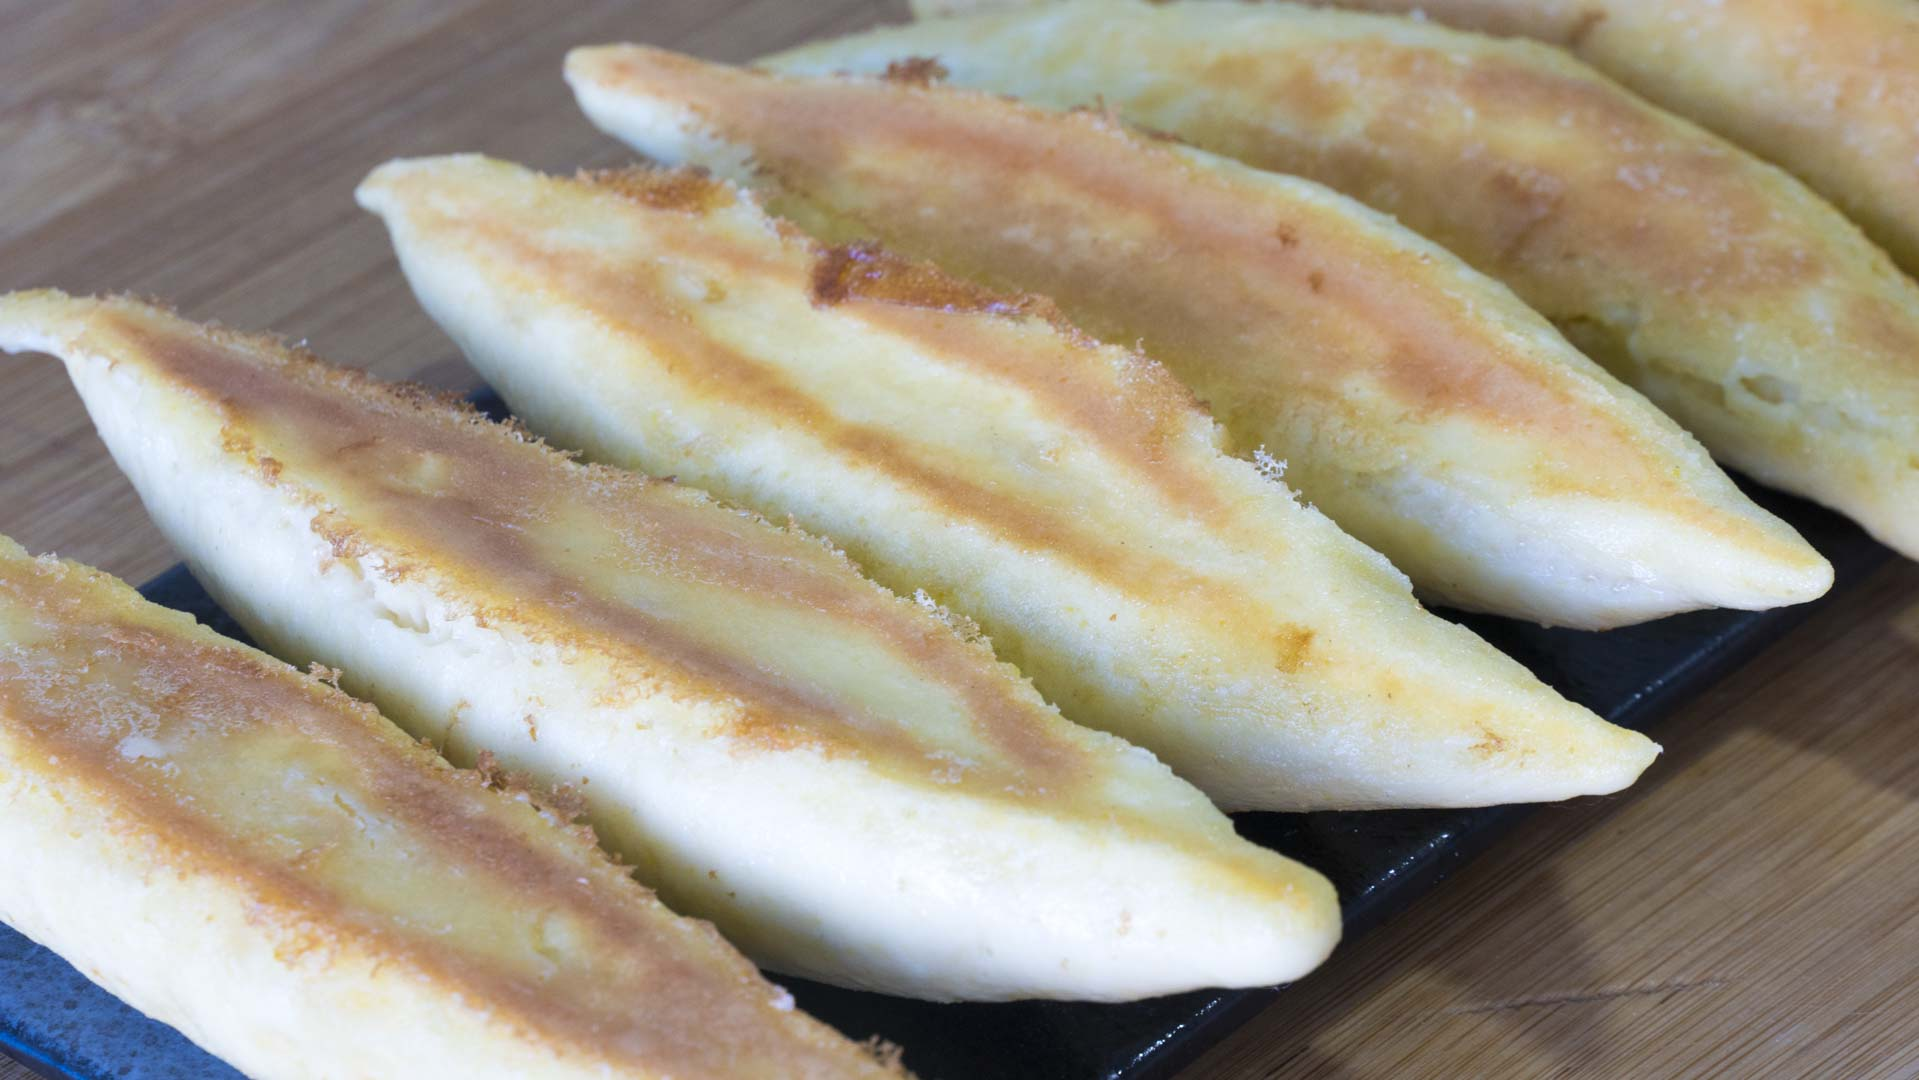 立夏養生多吃粗糧,5種玉米麵做法,粗糧細作營養均衡,老少皆宜